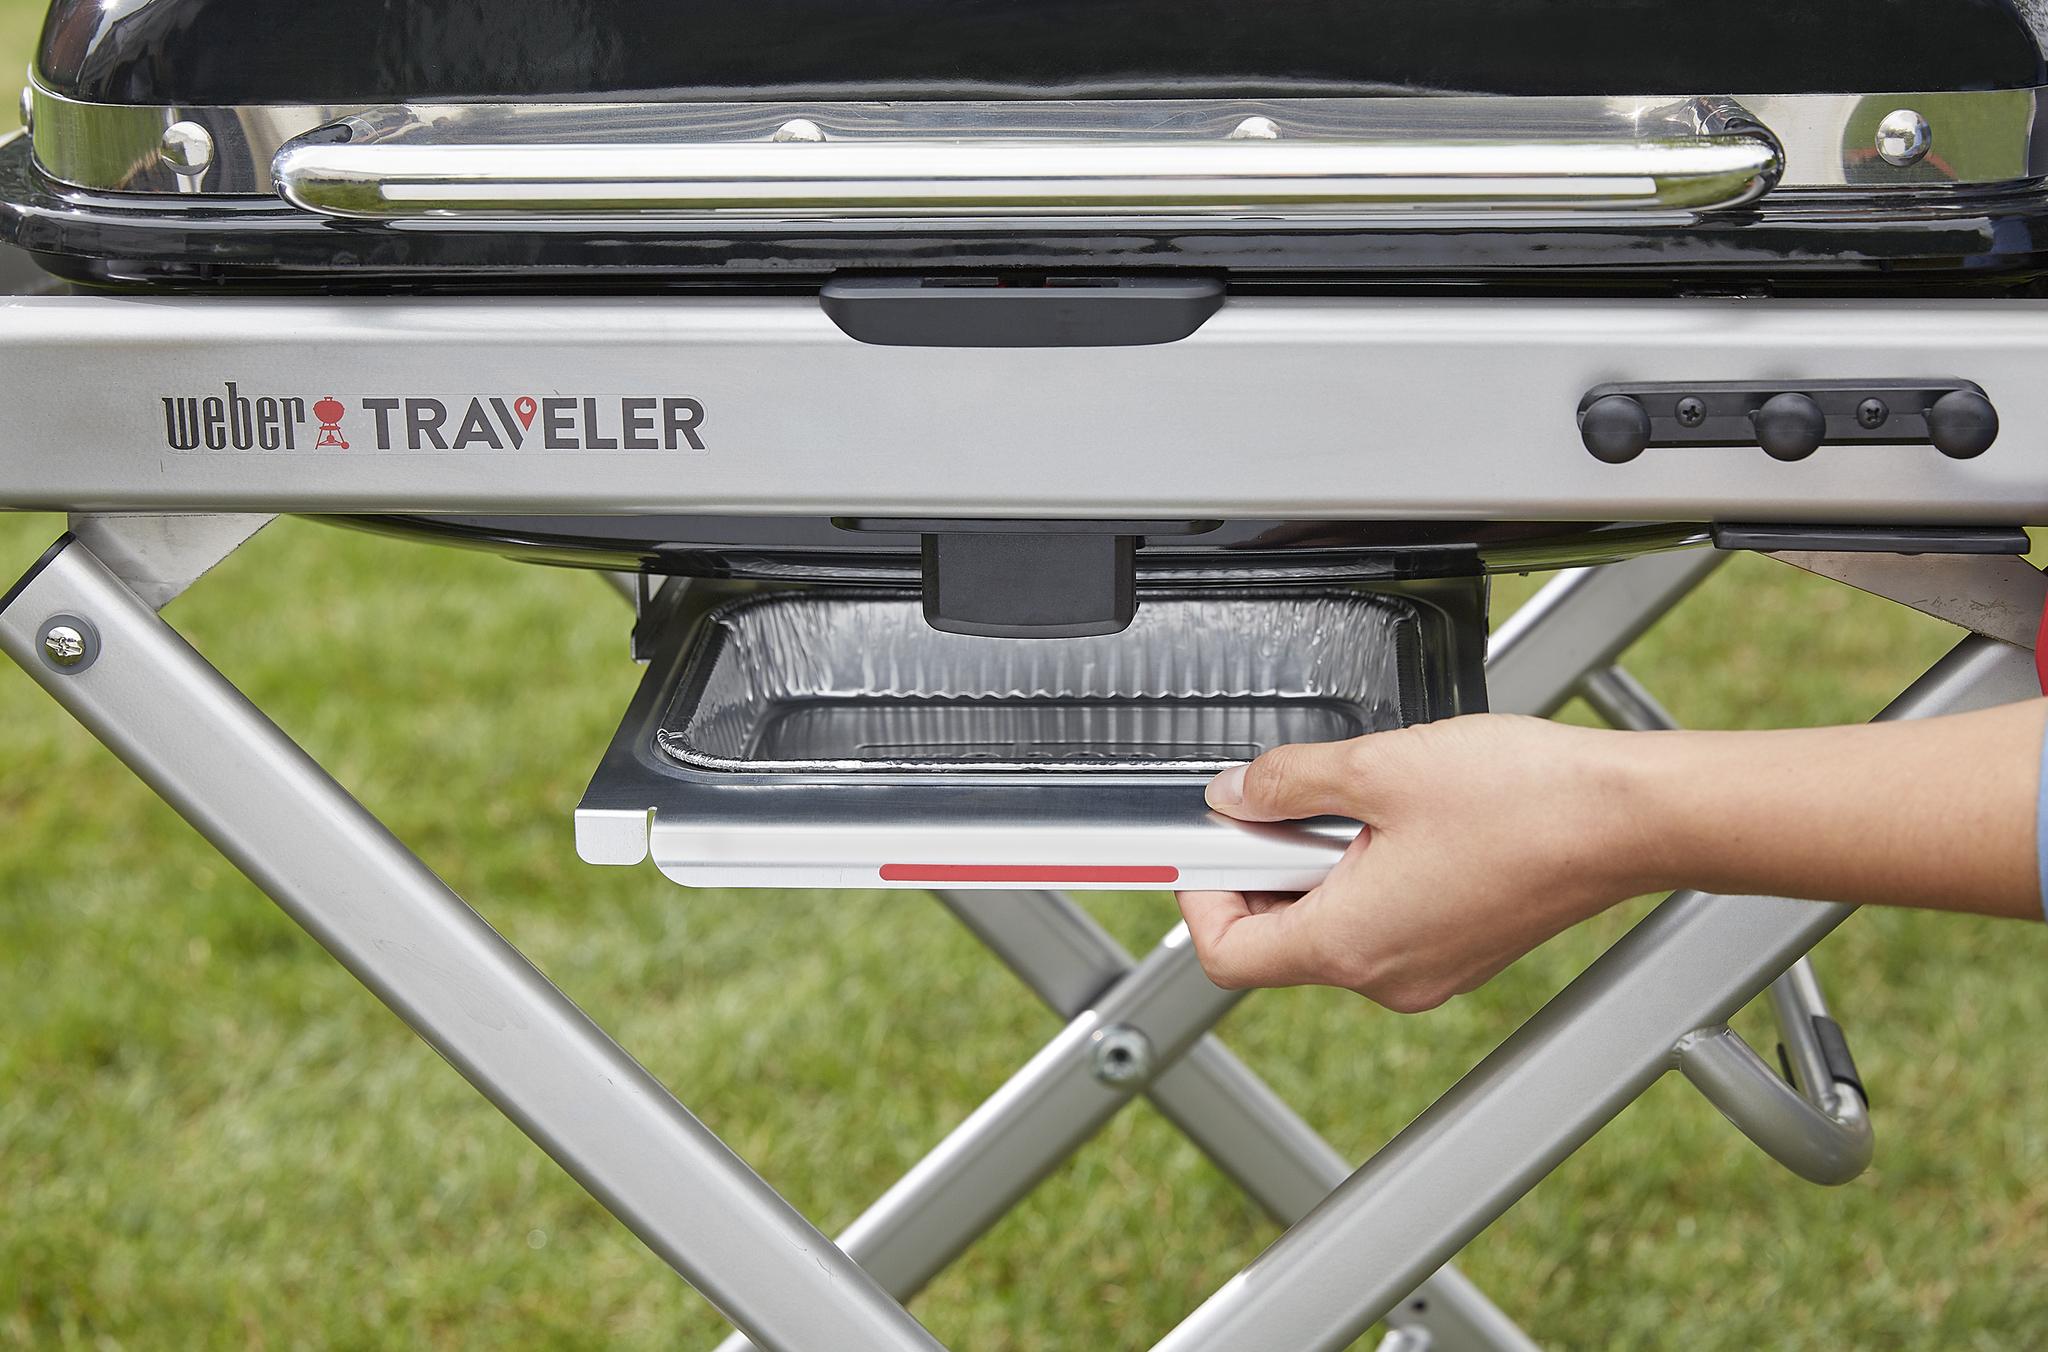 Гриль газовый Weber Traveler